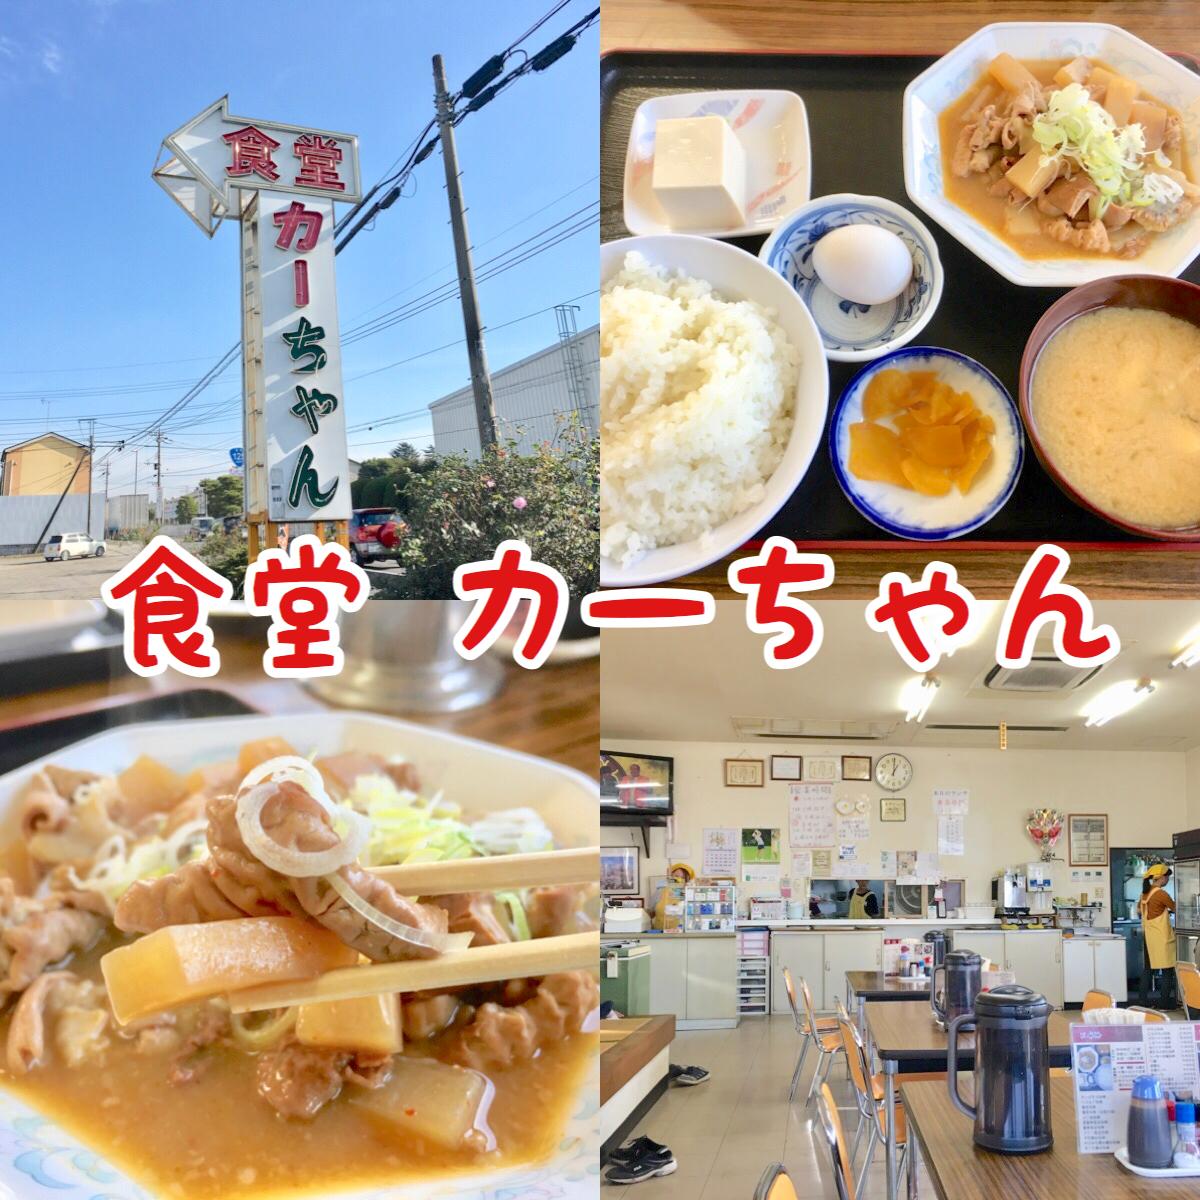 【閉店】久喜・食堂カーちゃんのモツ煮定食がうまい!昭和レトロなドライブイン